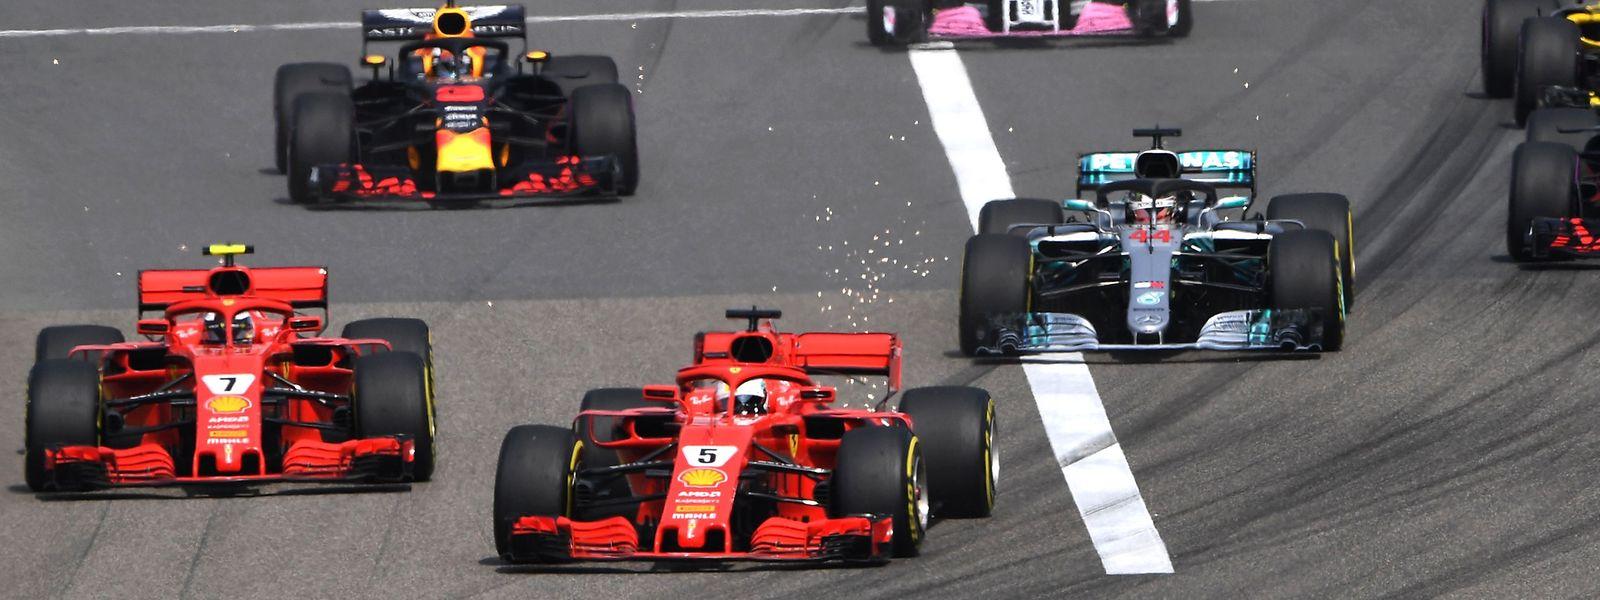 Der GP von China gehörte nicht zu den langweiligeren Rennen.